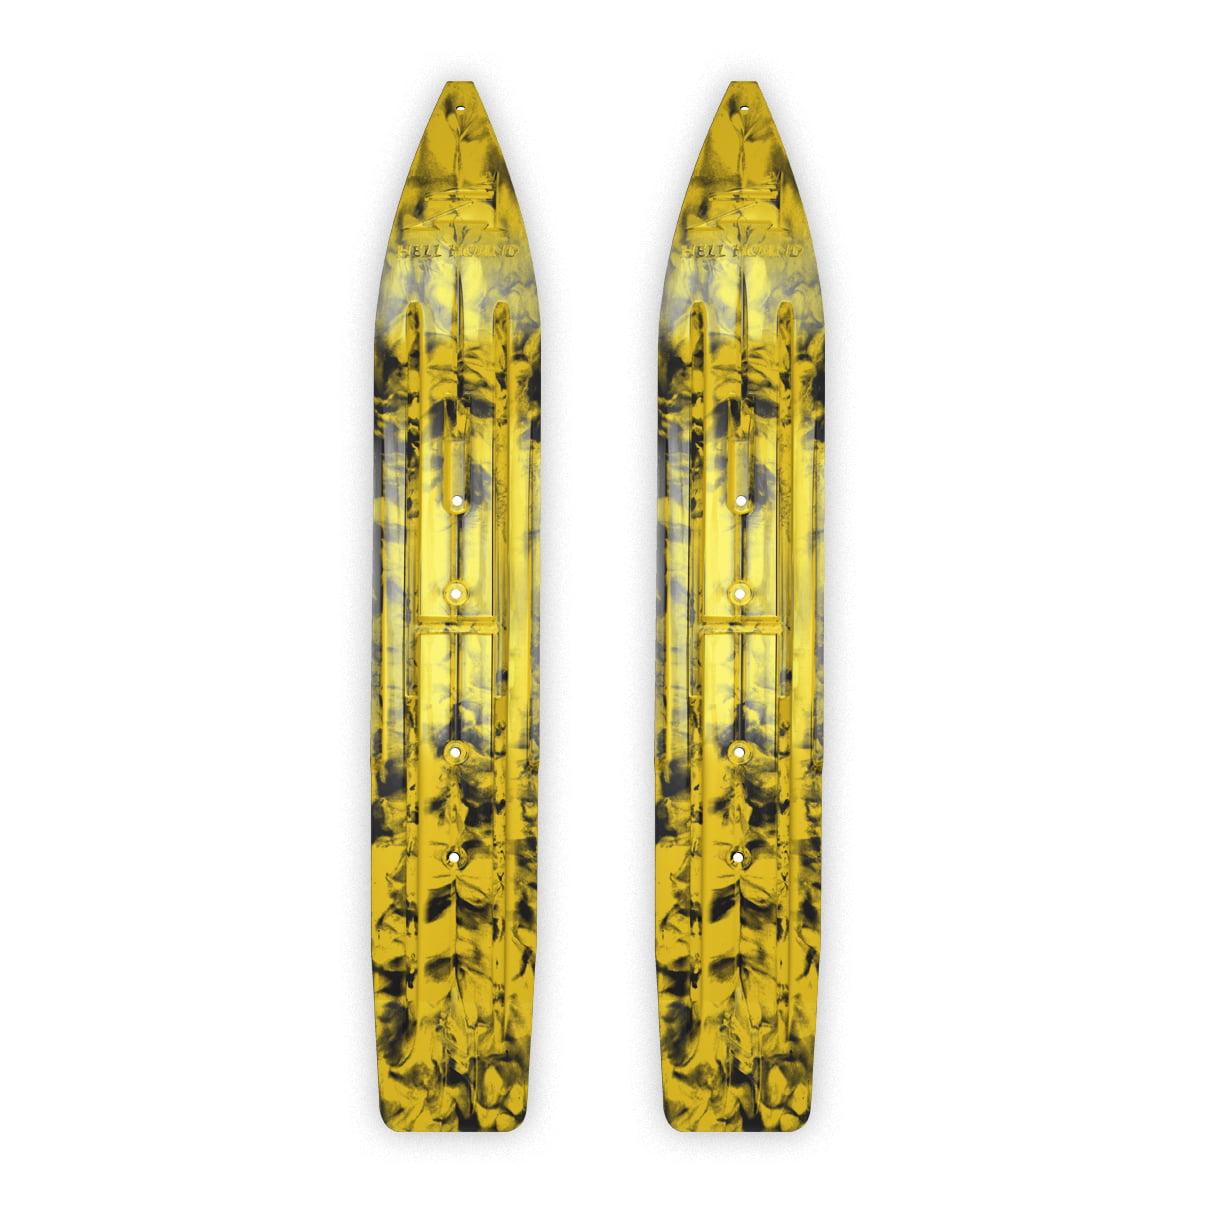 """SLYDOG SKIS 7 1 4"""" Hell Hound Ski, Pair Black, Yellow #310056 by SLYDOG SKIS"""